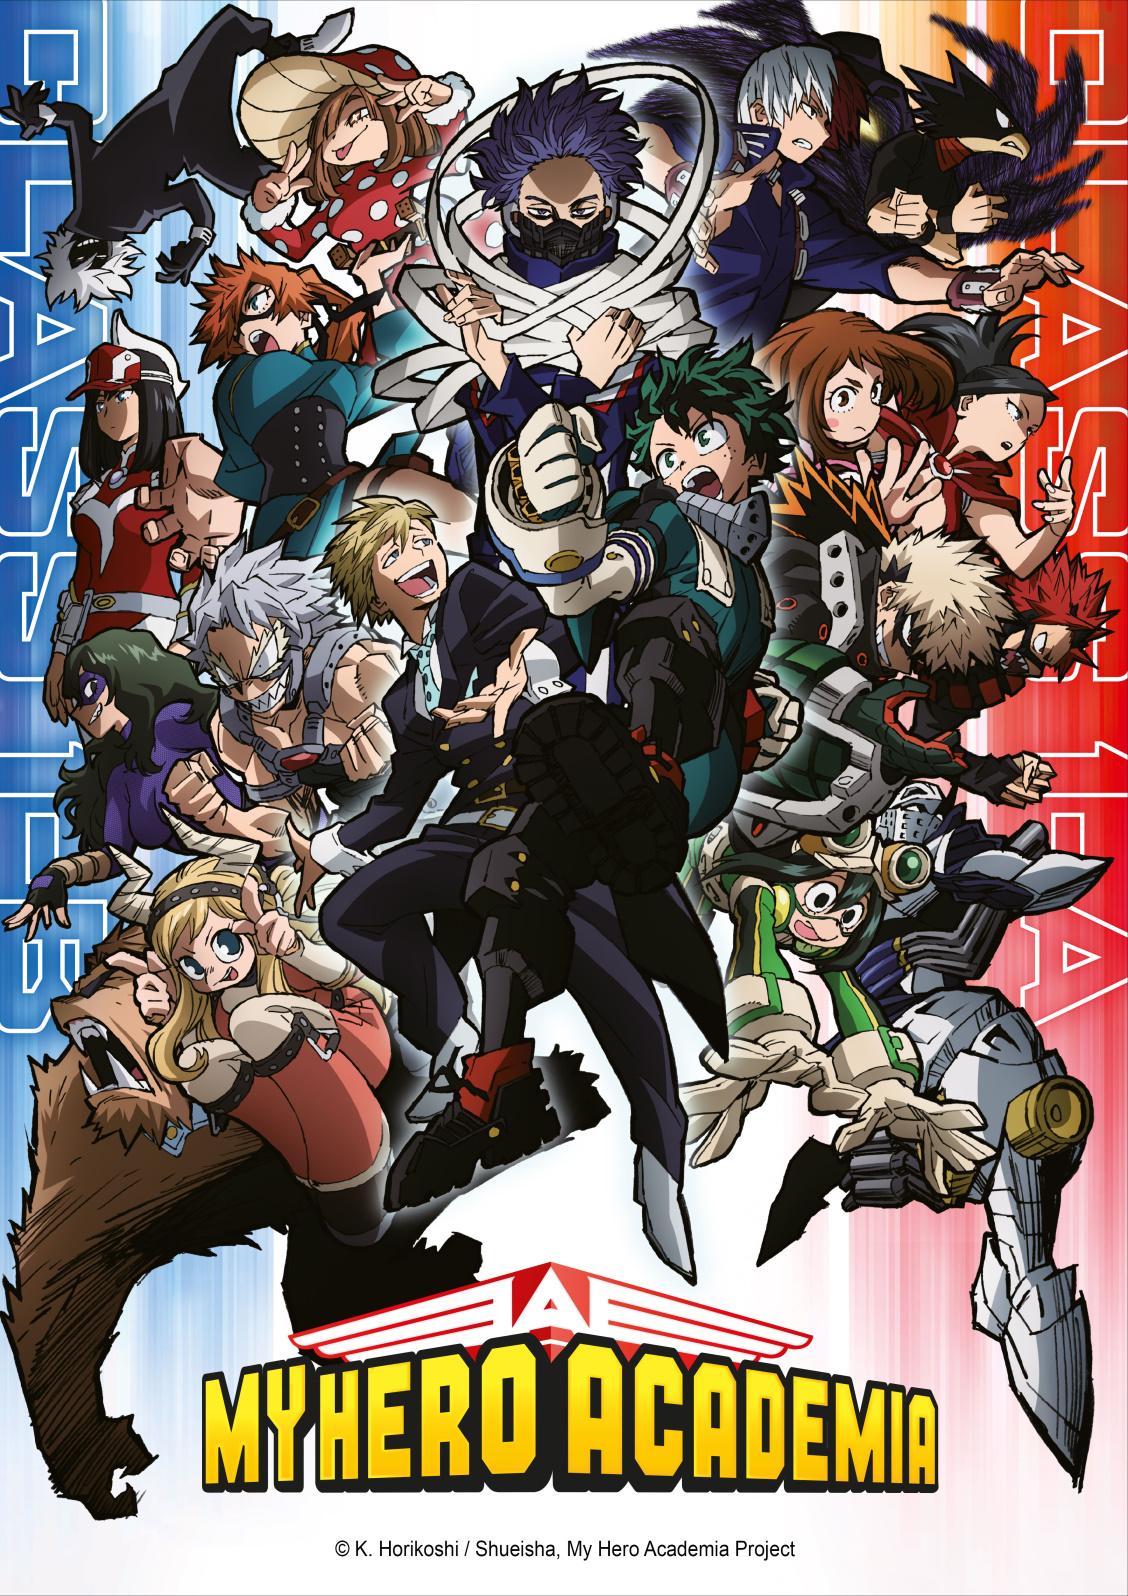 Boku no Hero temporada 5